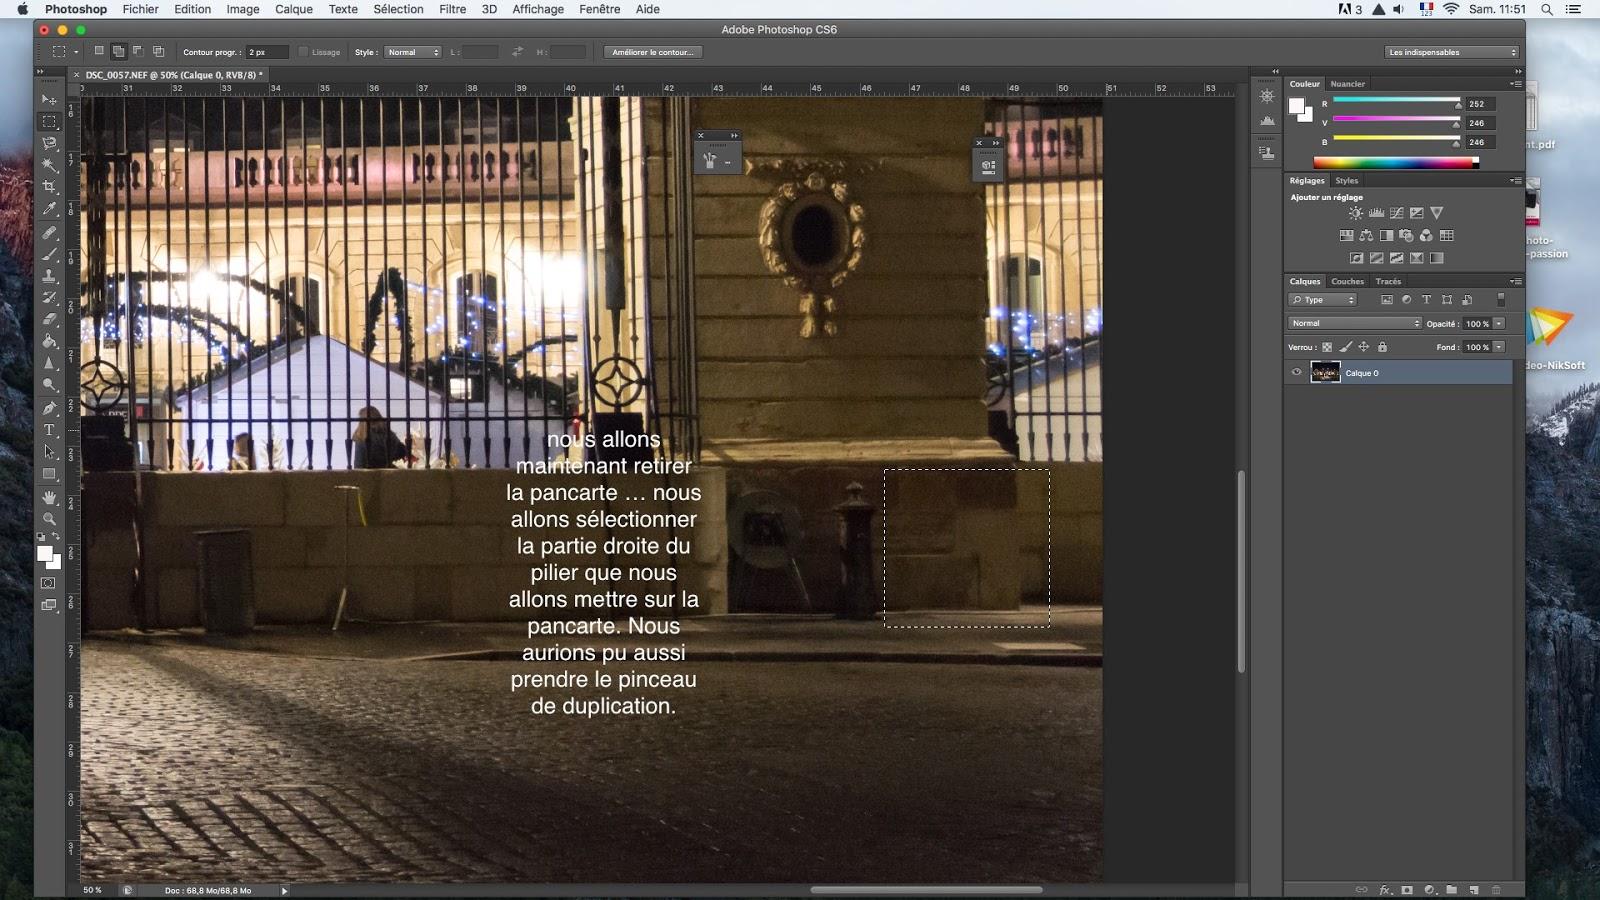 Comment Enlever Des Elements Sur Photoshop